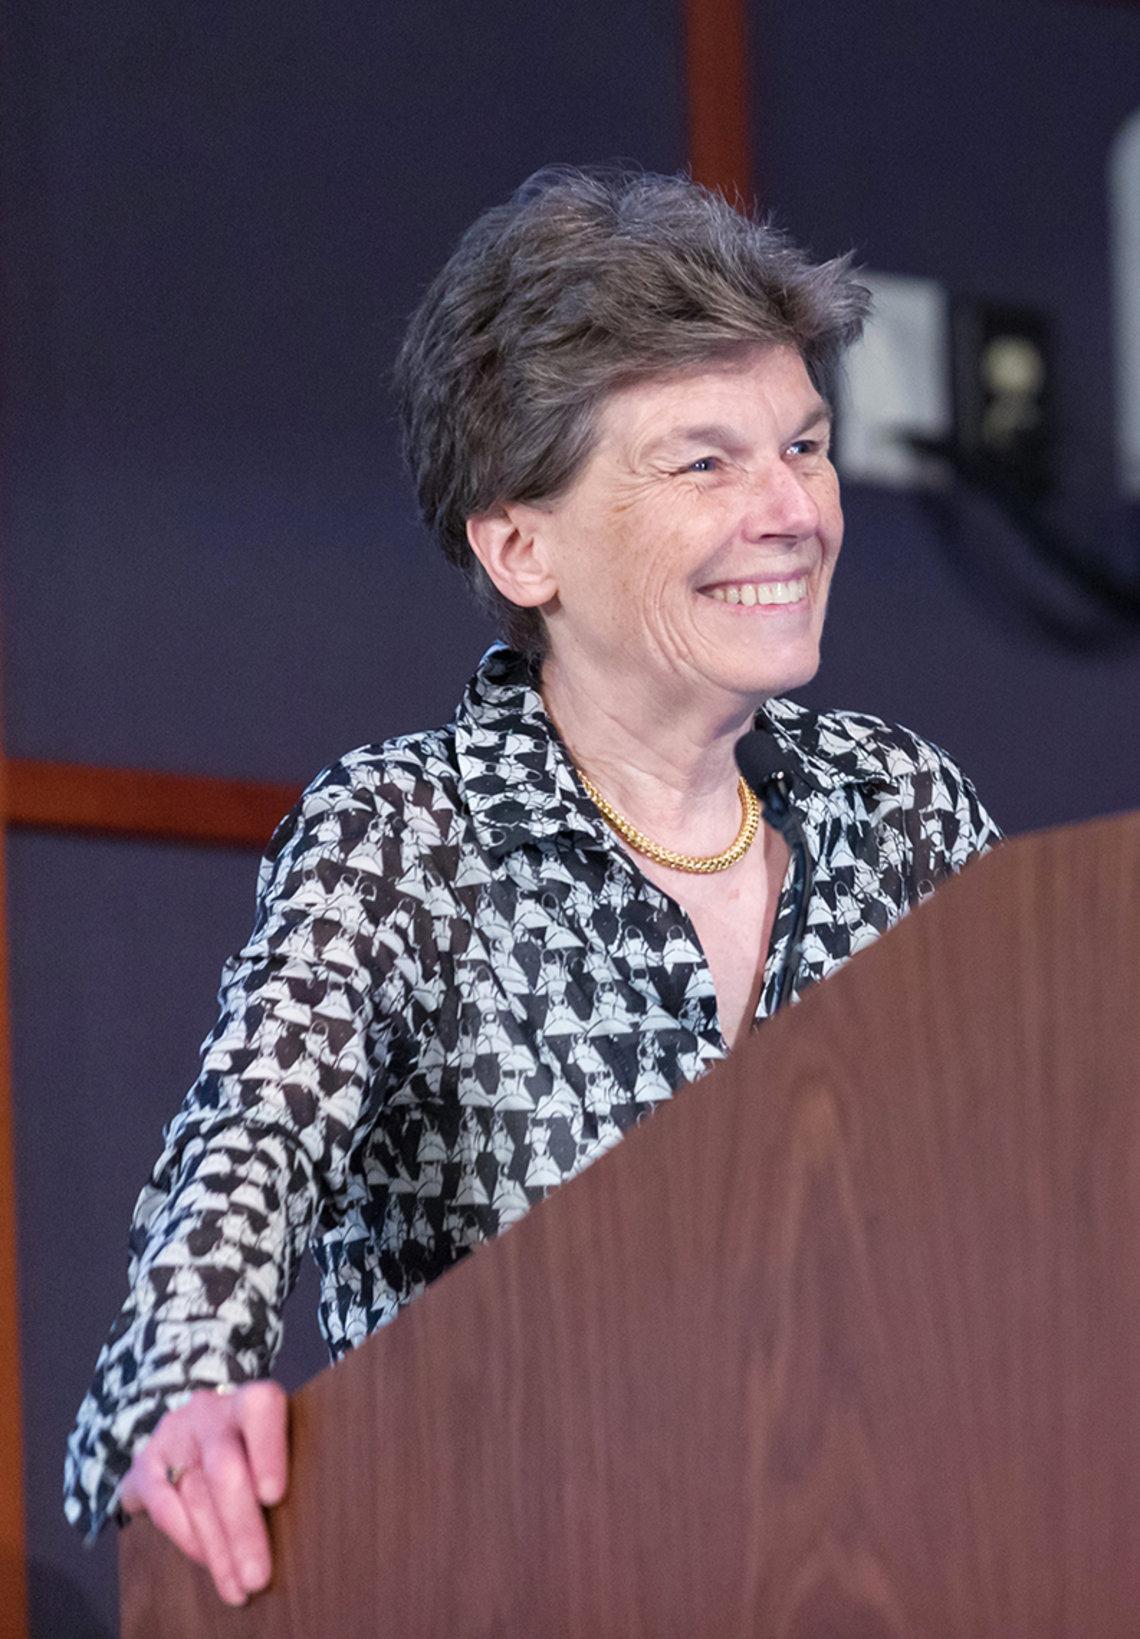 A smiling Humphreys stands at podium